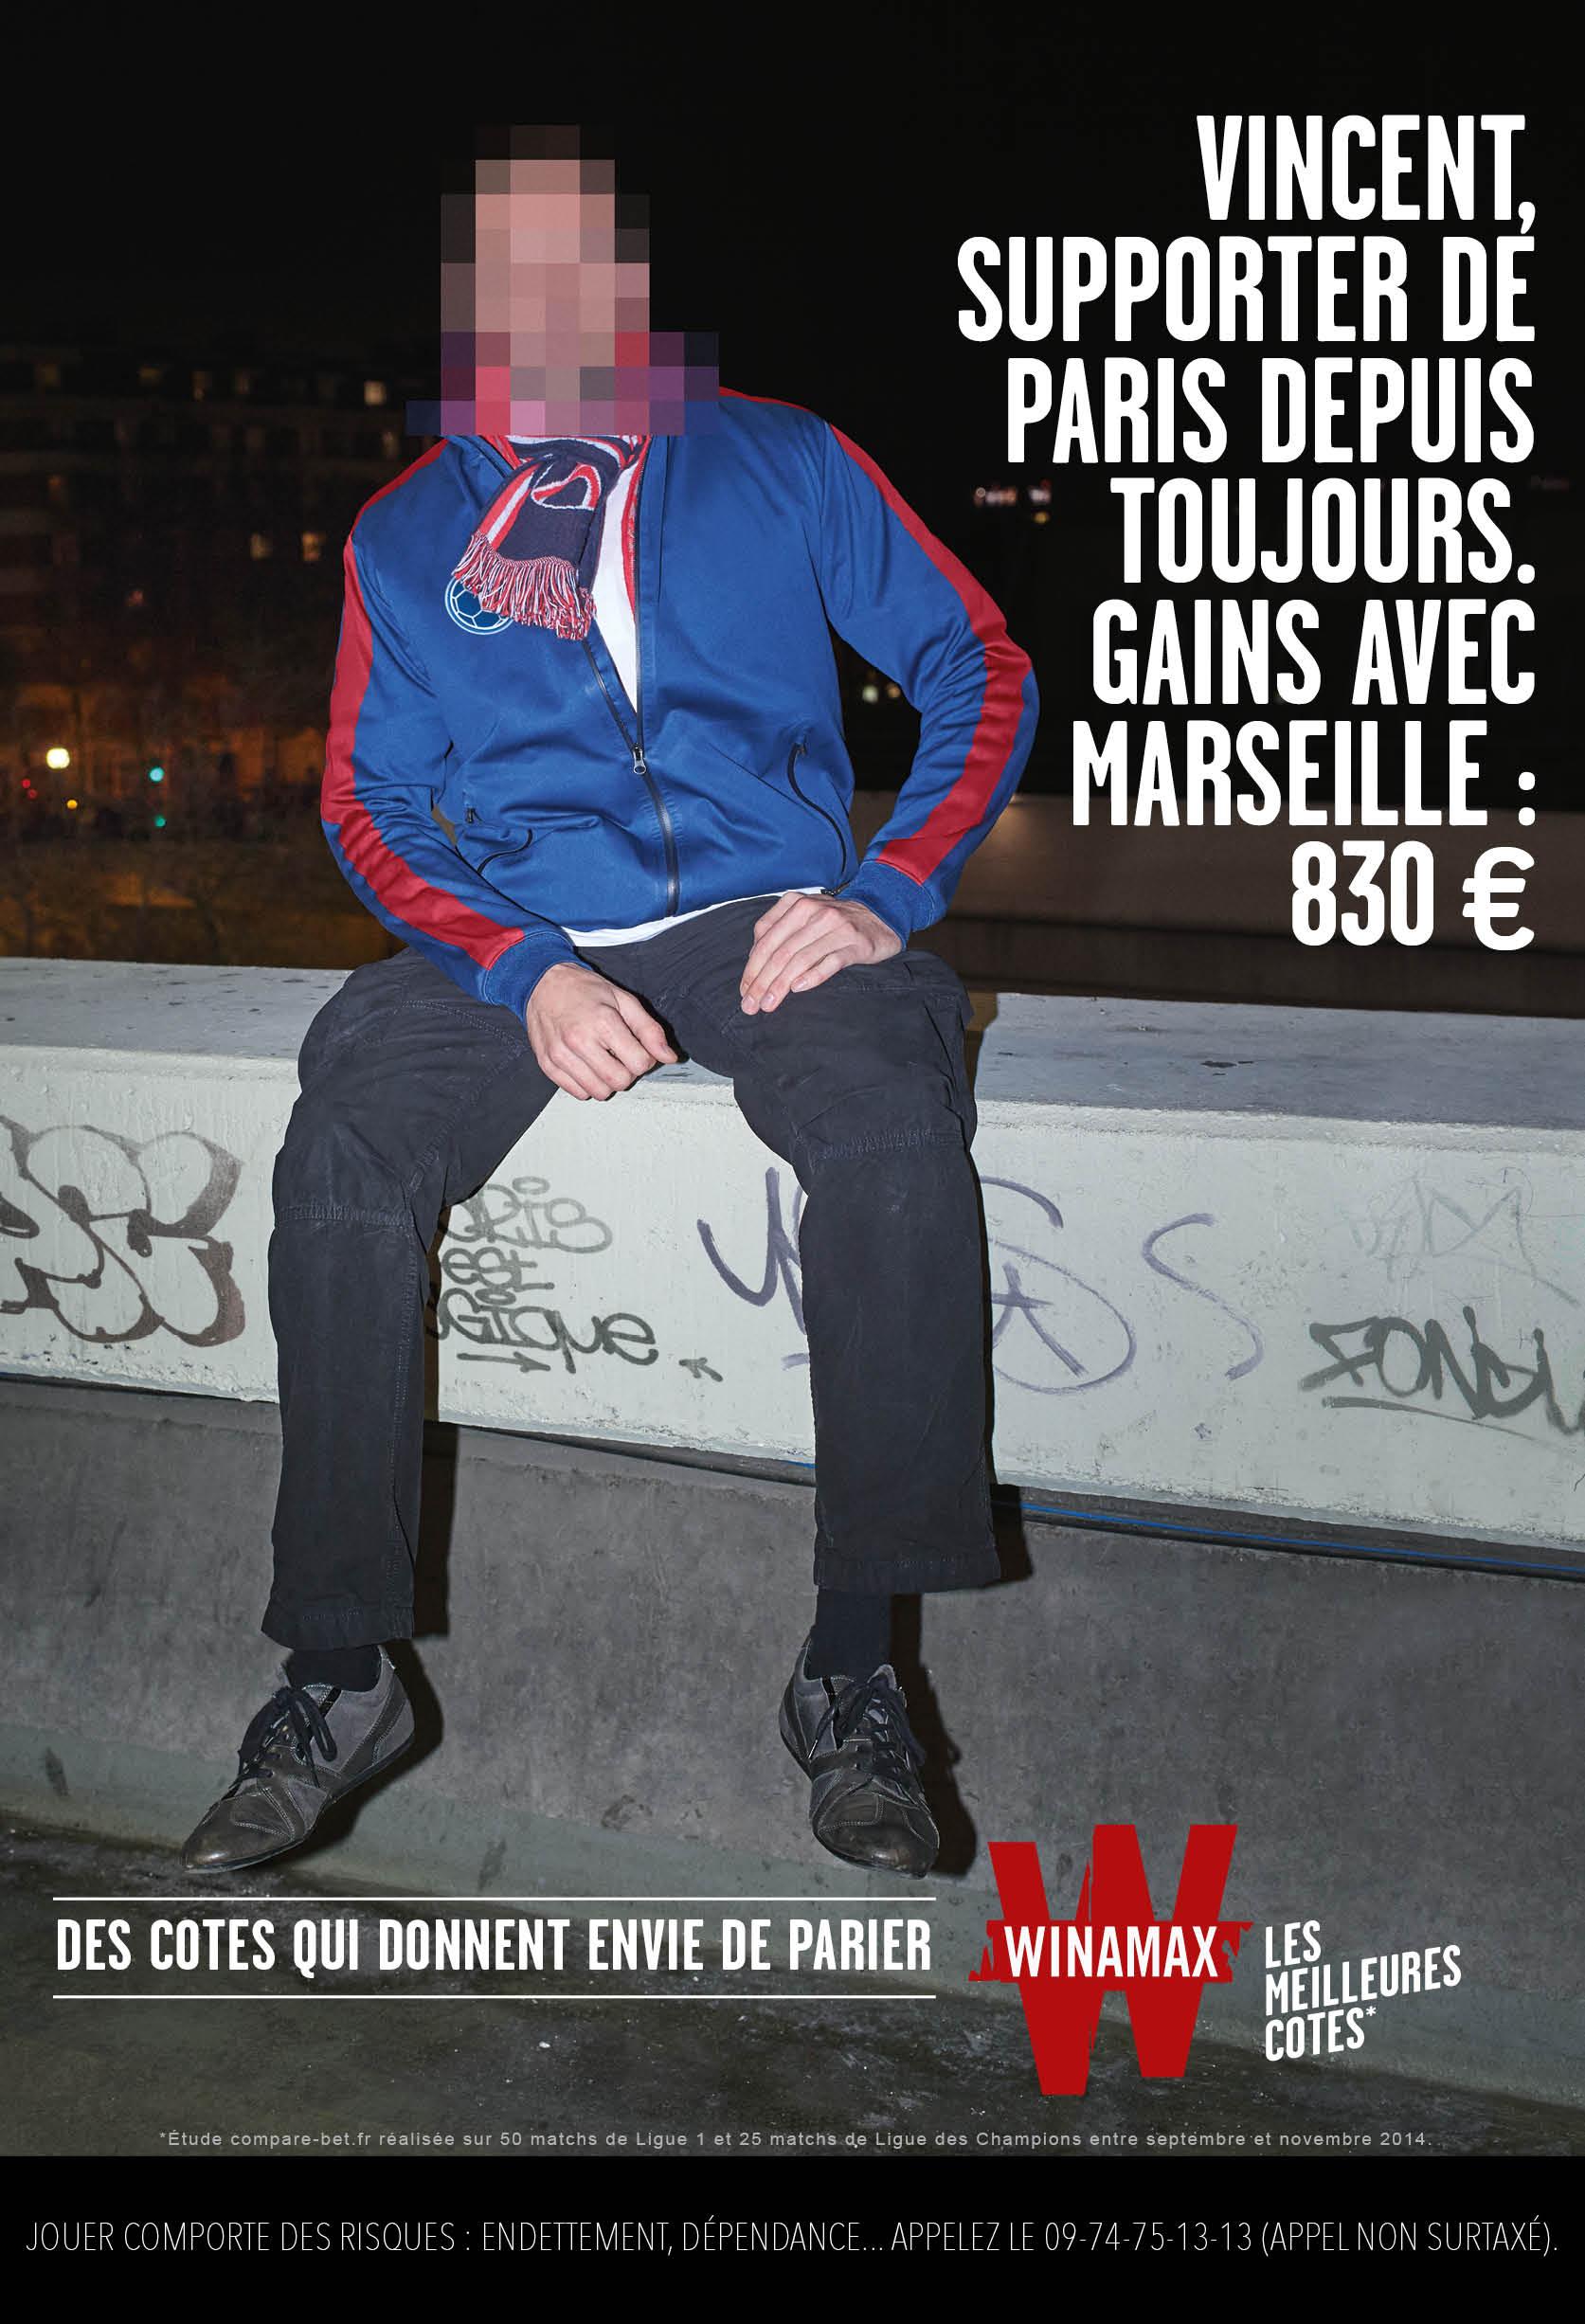 PSG pub winamax paris sportifs